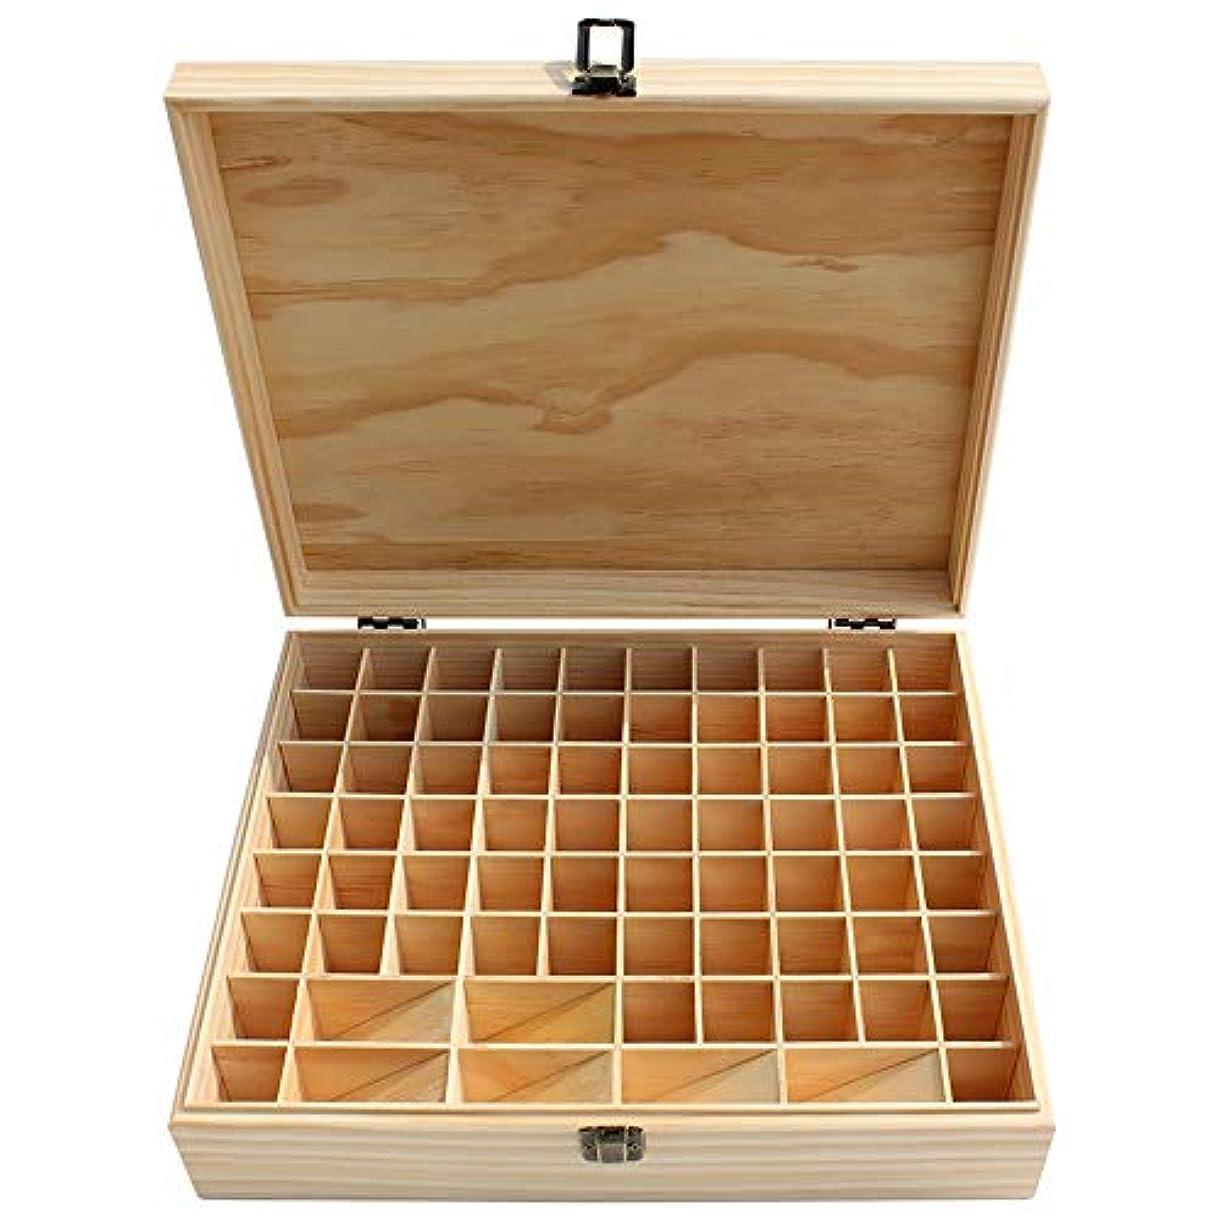 交通上げる知覚するエッセンシャルオイル収納ボックス 大74スロット木製のエッセンシャルオイルストレージボックスナチュラルパインウッド (色 : Natural, サイズ : 34X27.5X9CM)